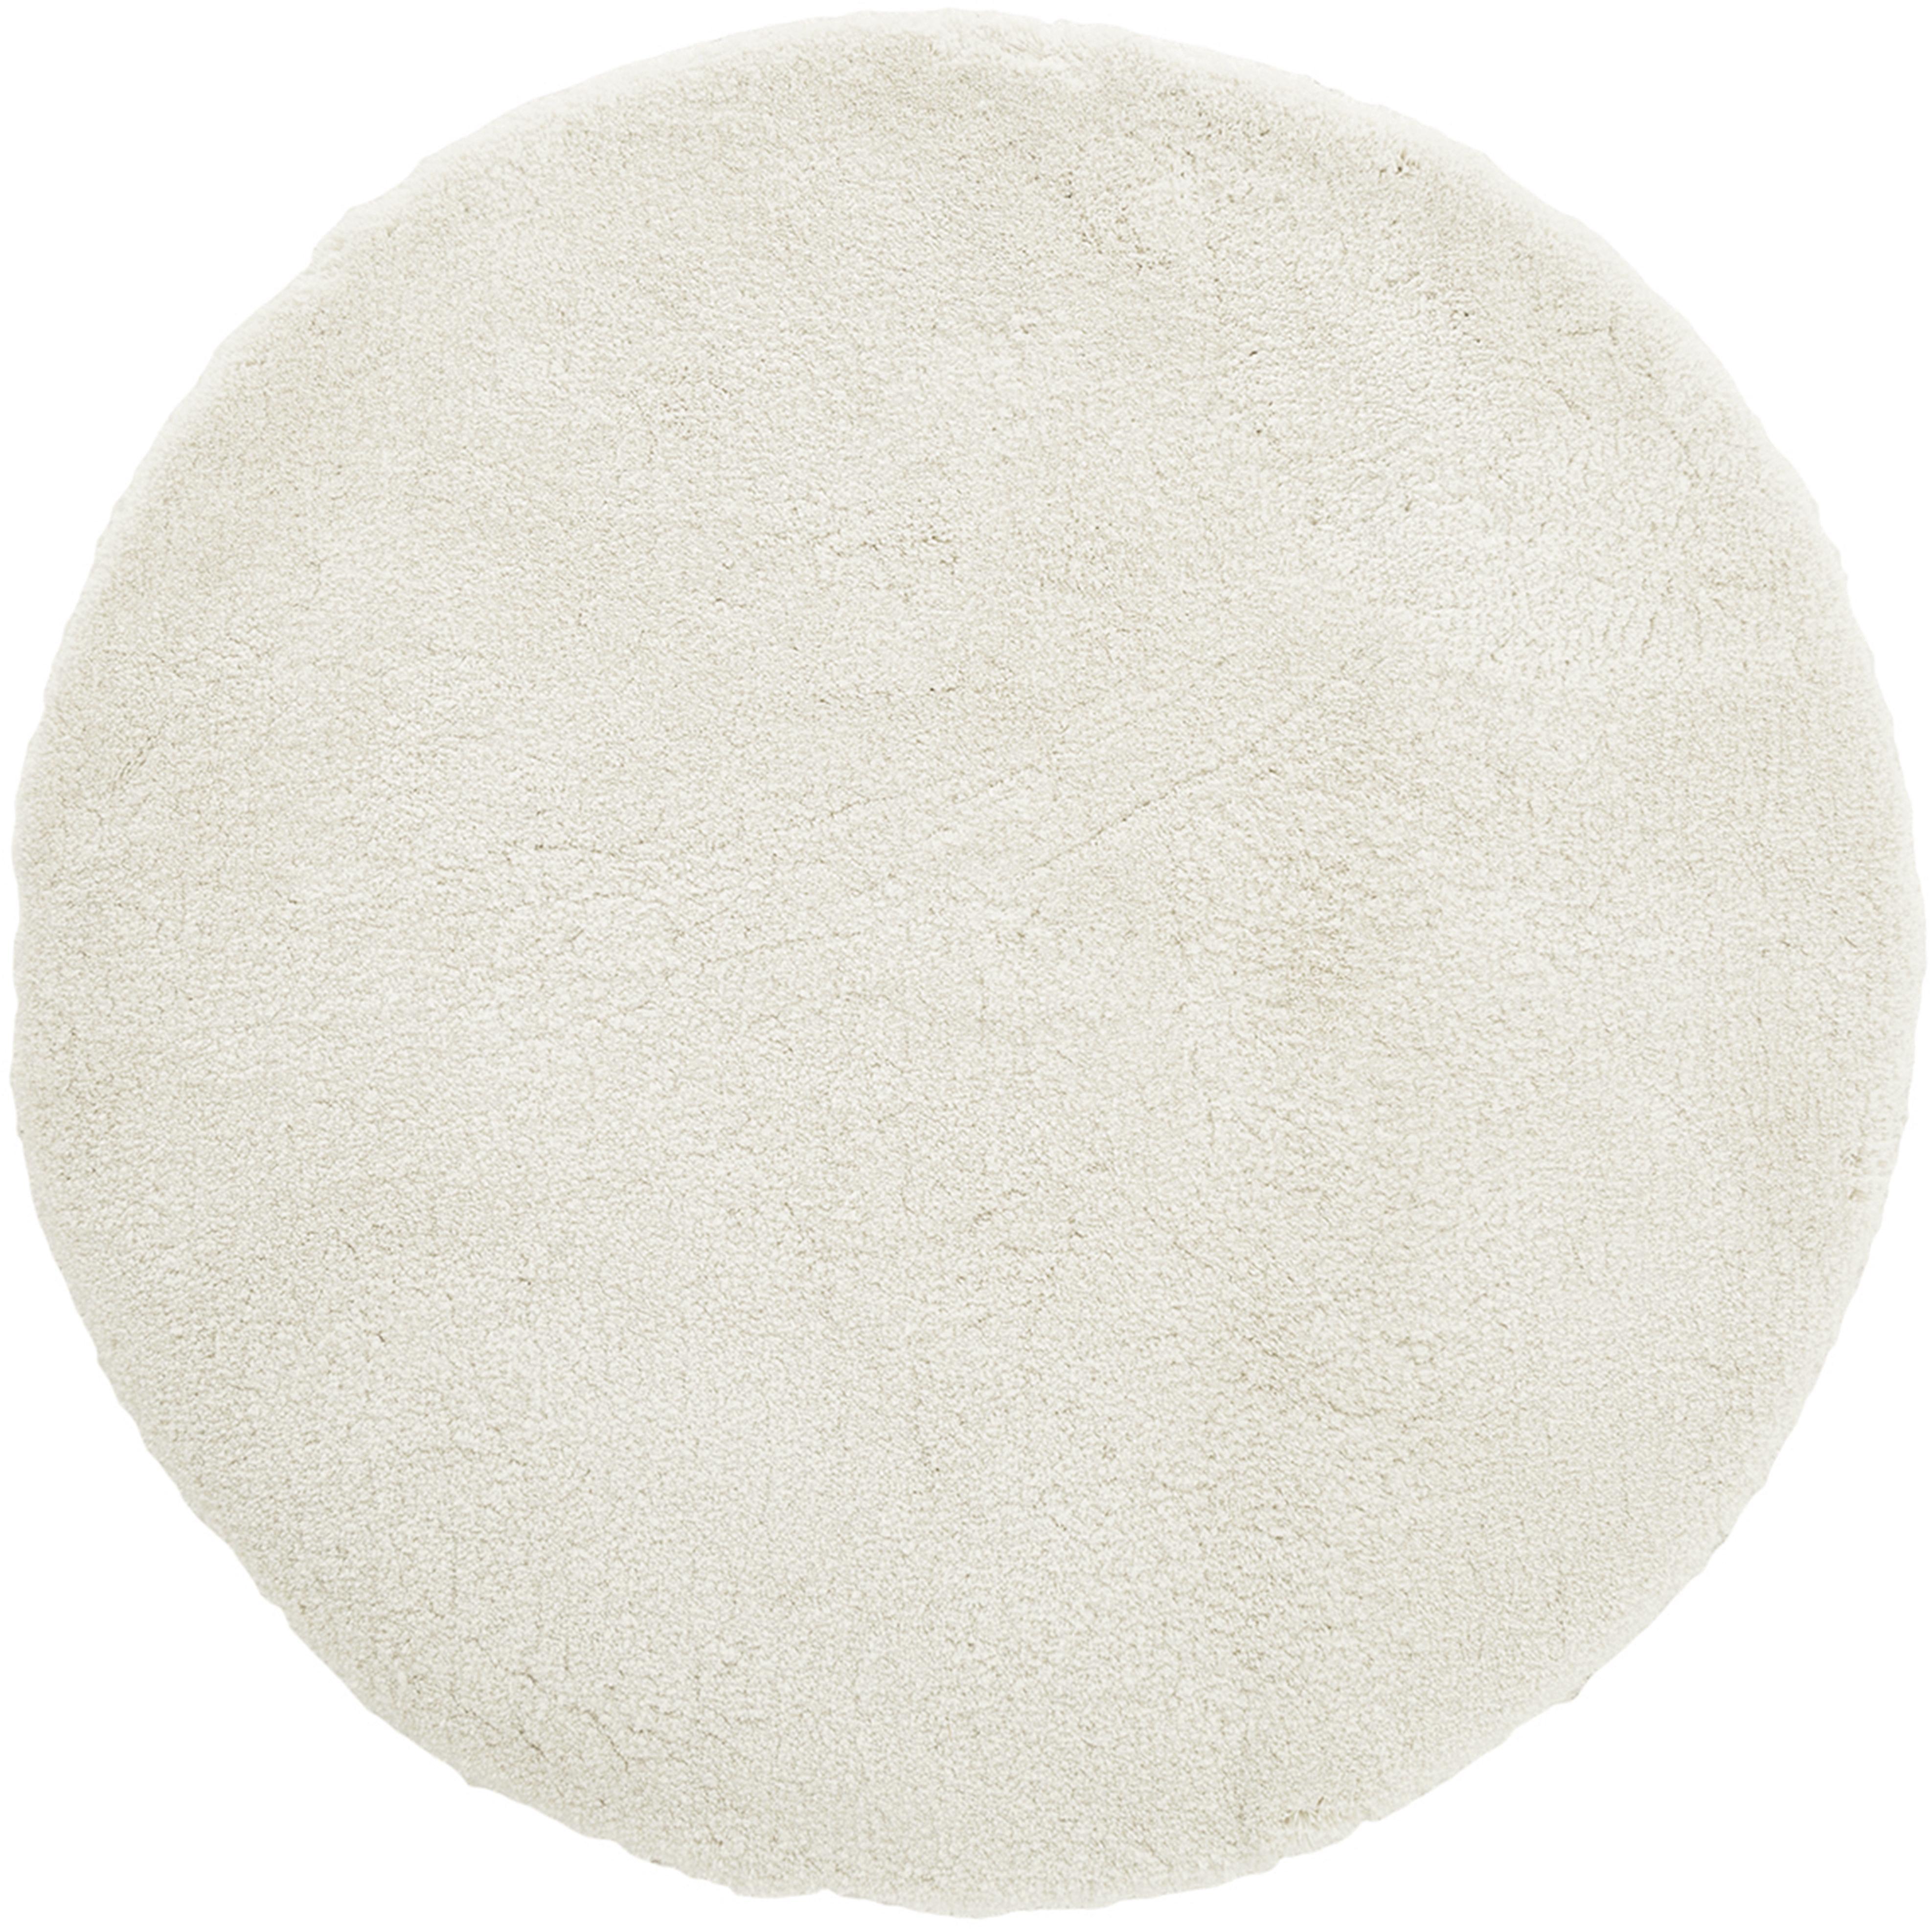 Flauschiger runder Hochflor-Teppich Leighton in Creme, Flor: 100% Polyester (Mikrofase, Creme, Ø 200 cm (Größe L)